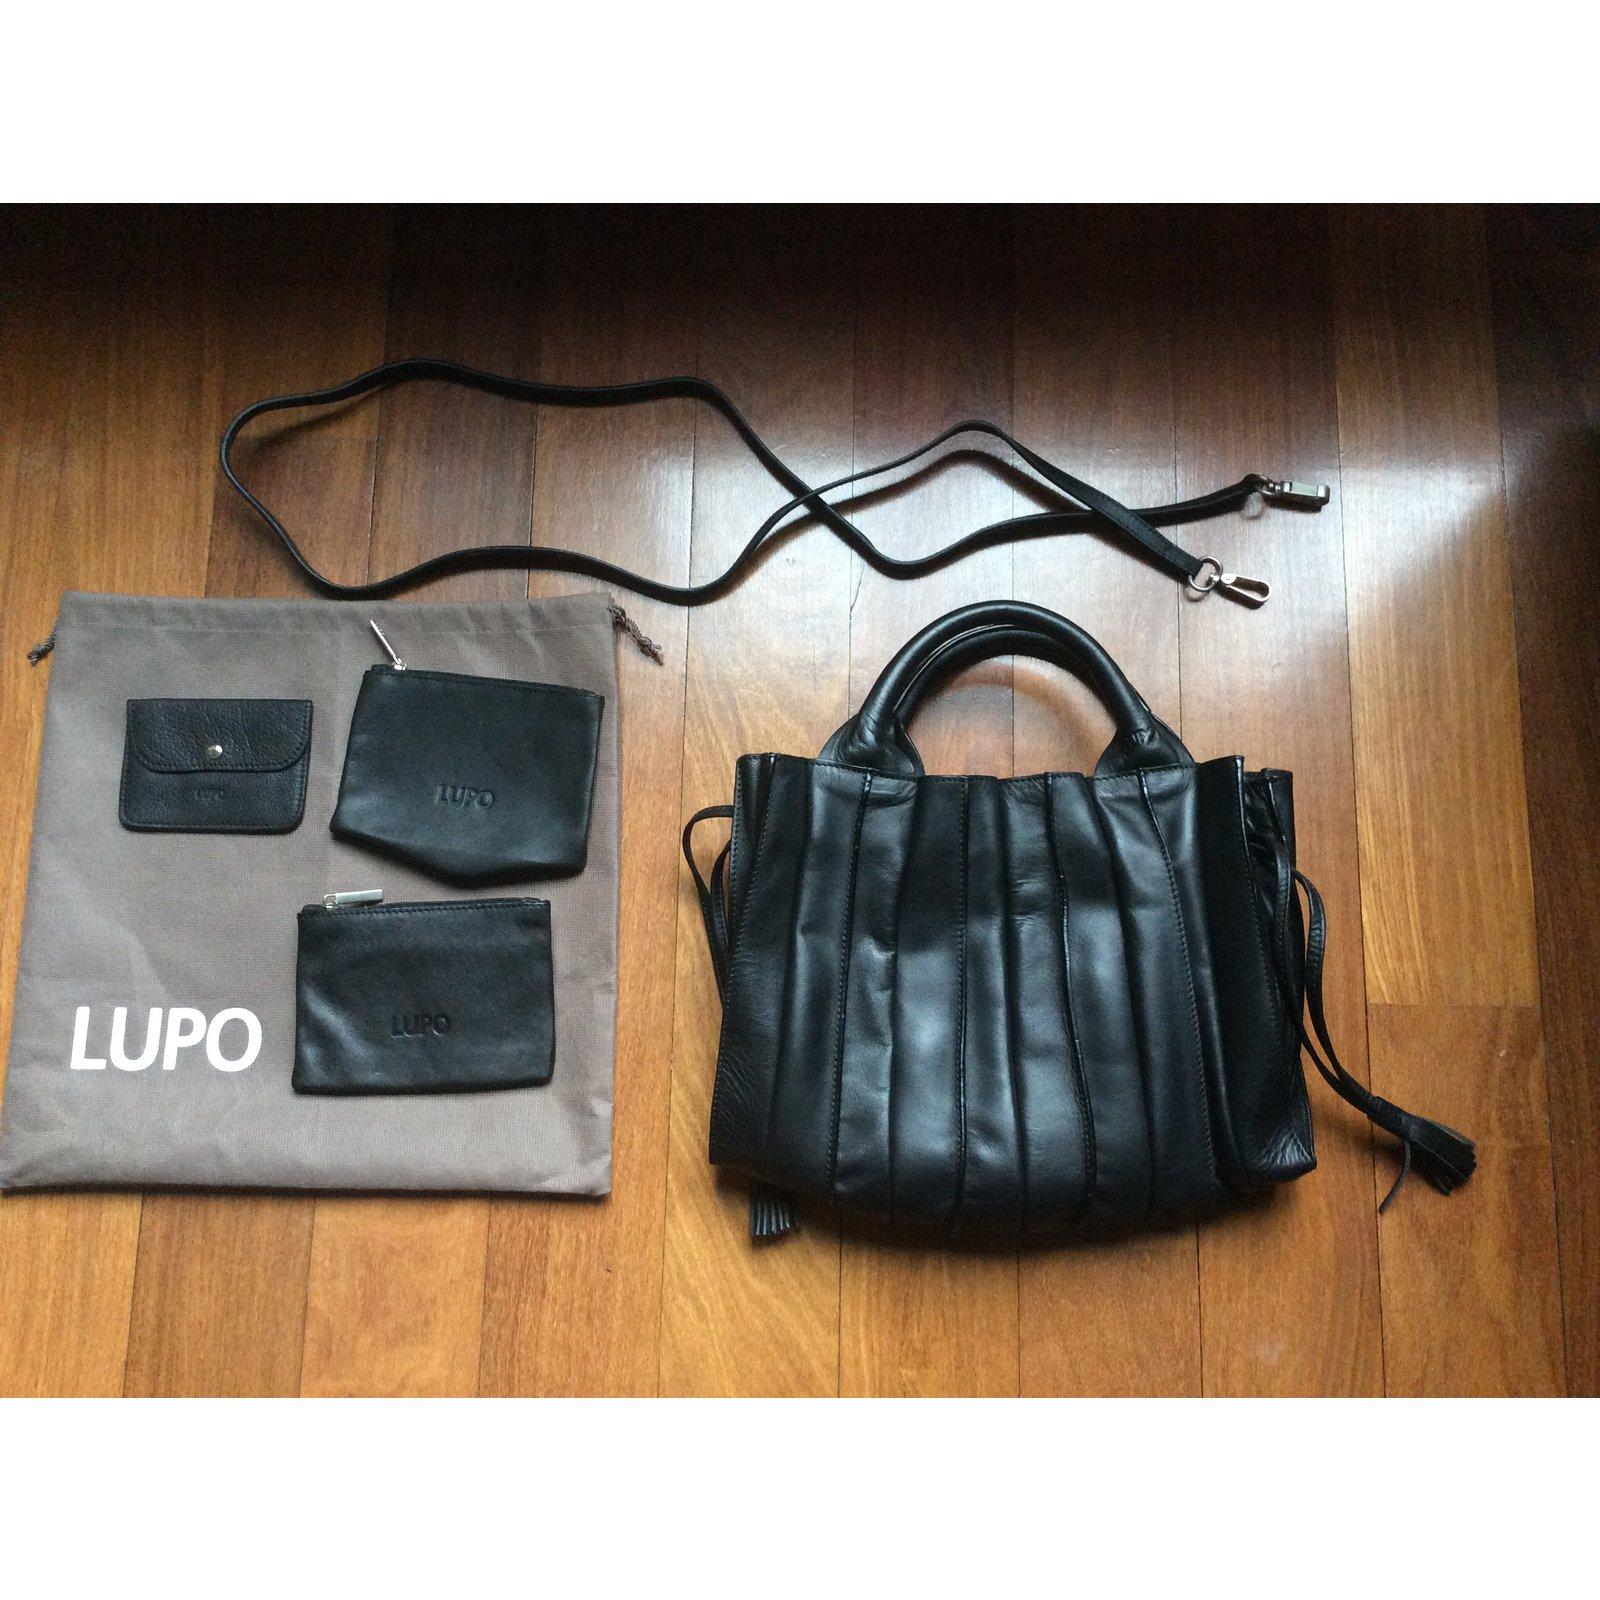 824b81daf5 Sacs à main Autre Marque Lupo Abanico petit modèle Cuir Noir ref.29358 -  Joli Closet